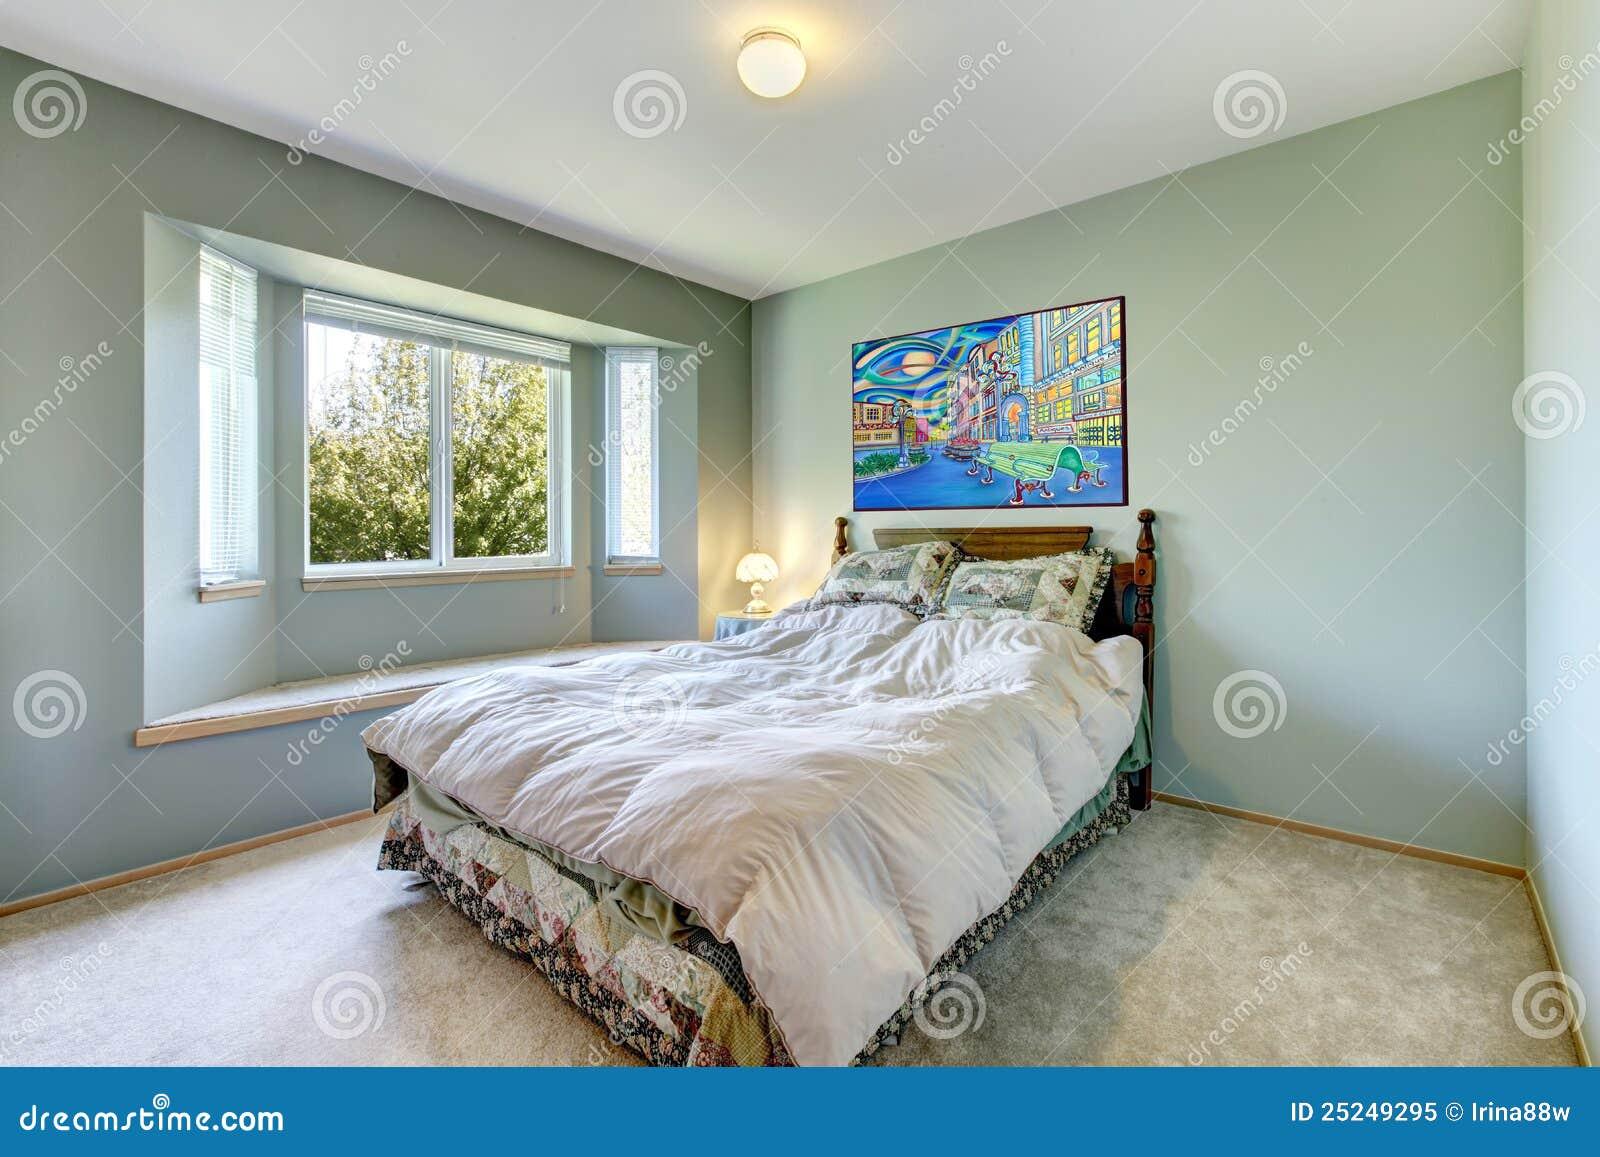 Groene eenvoudige slaapkamer met klein bed. royalty vrije stock ...